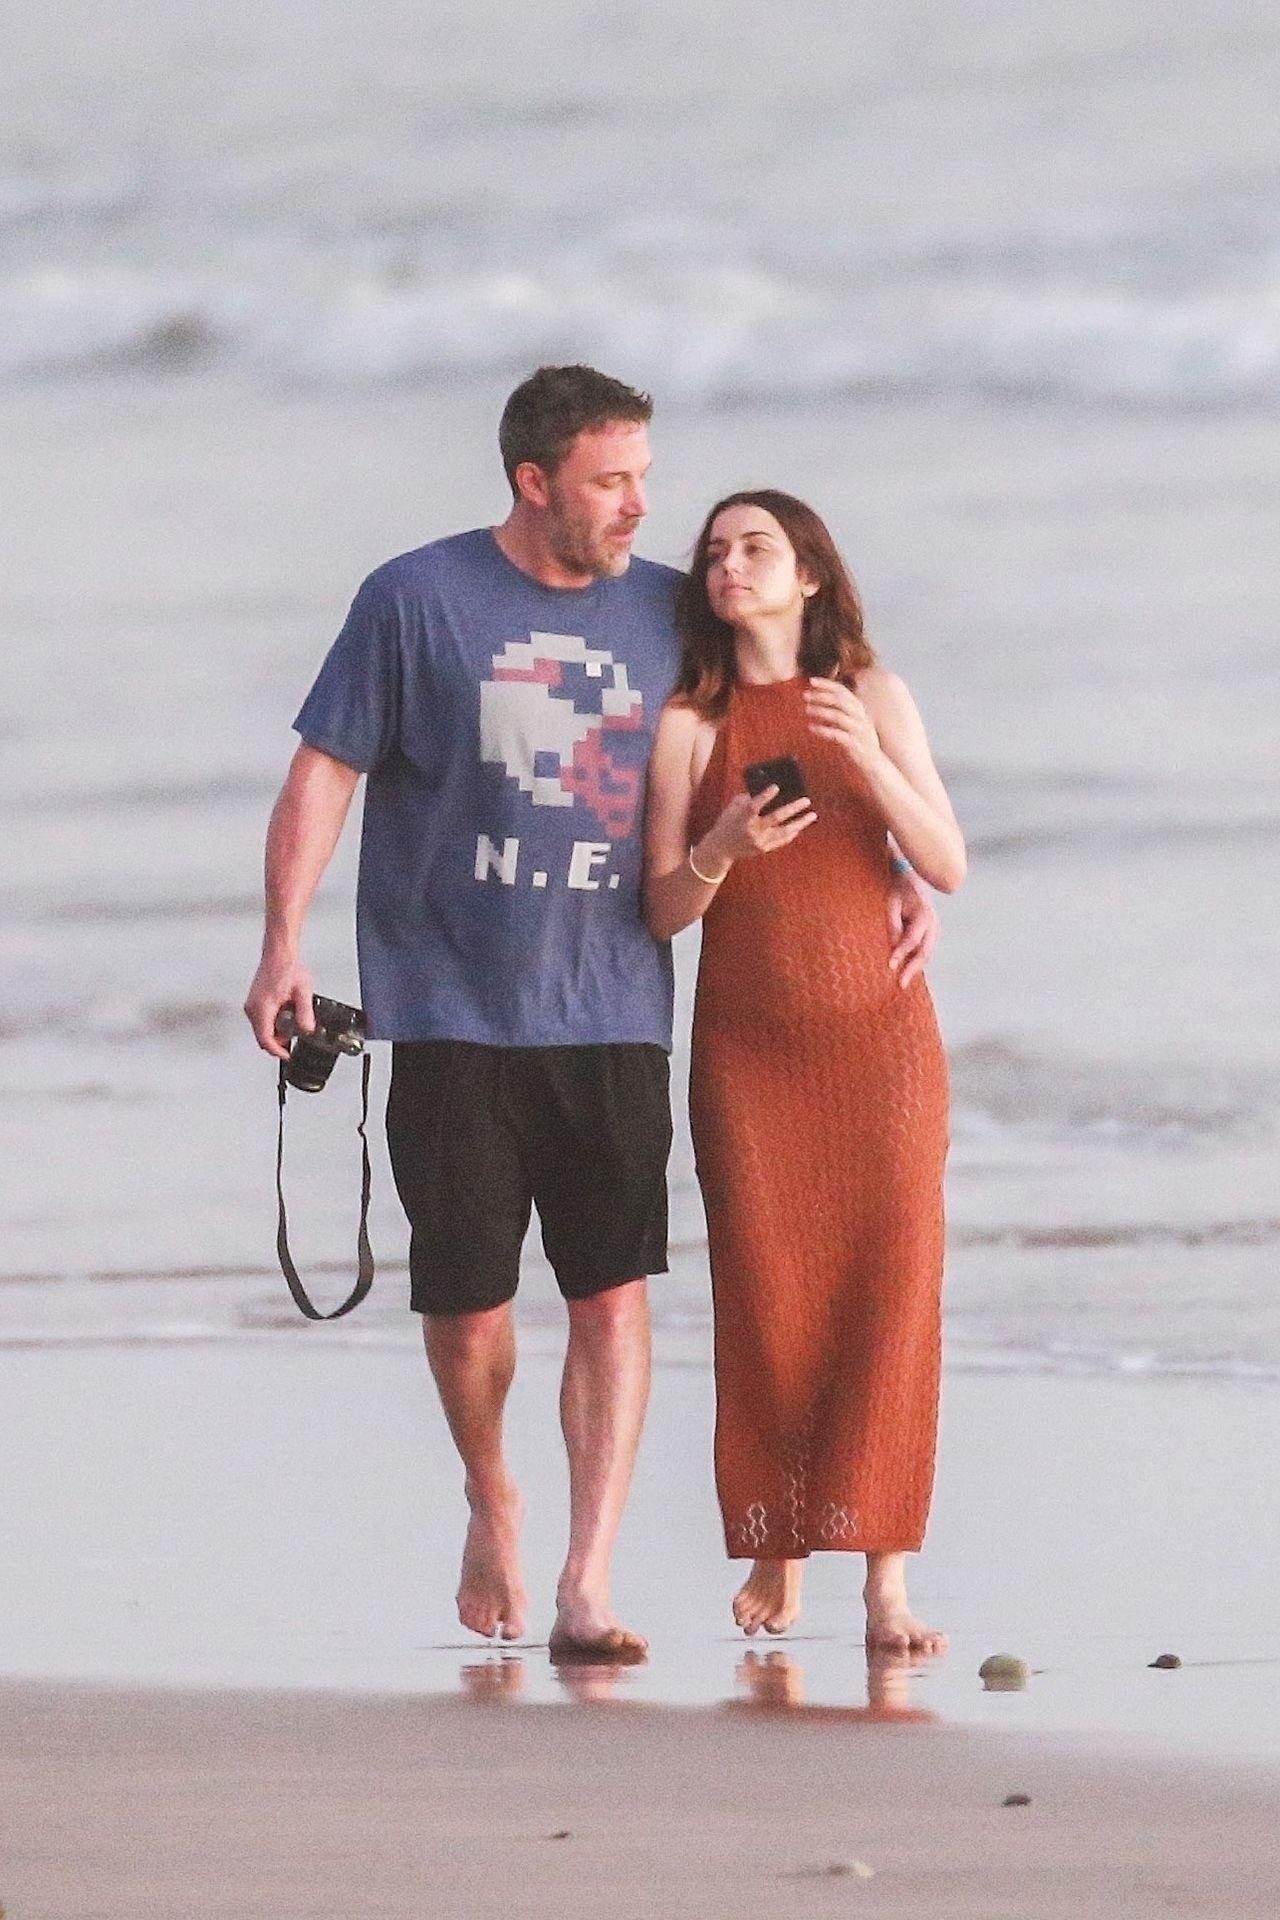 Ben Affleck & Ana De Armas Enjoy A Pda Moment During Romantic Beach Stroll In Costa Rica 0004